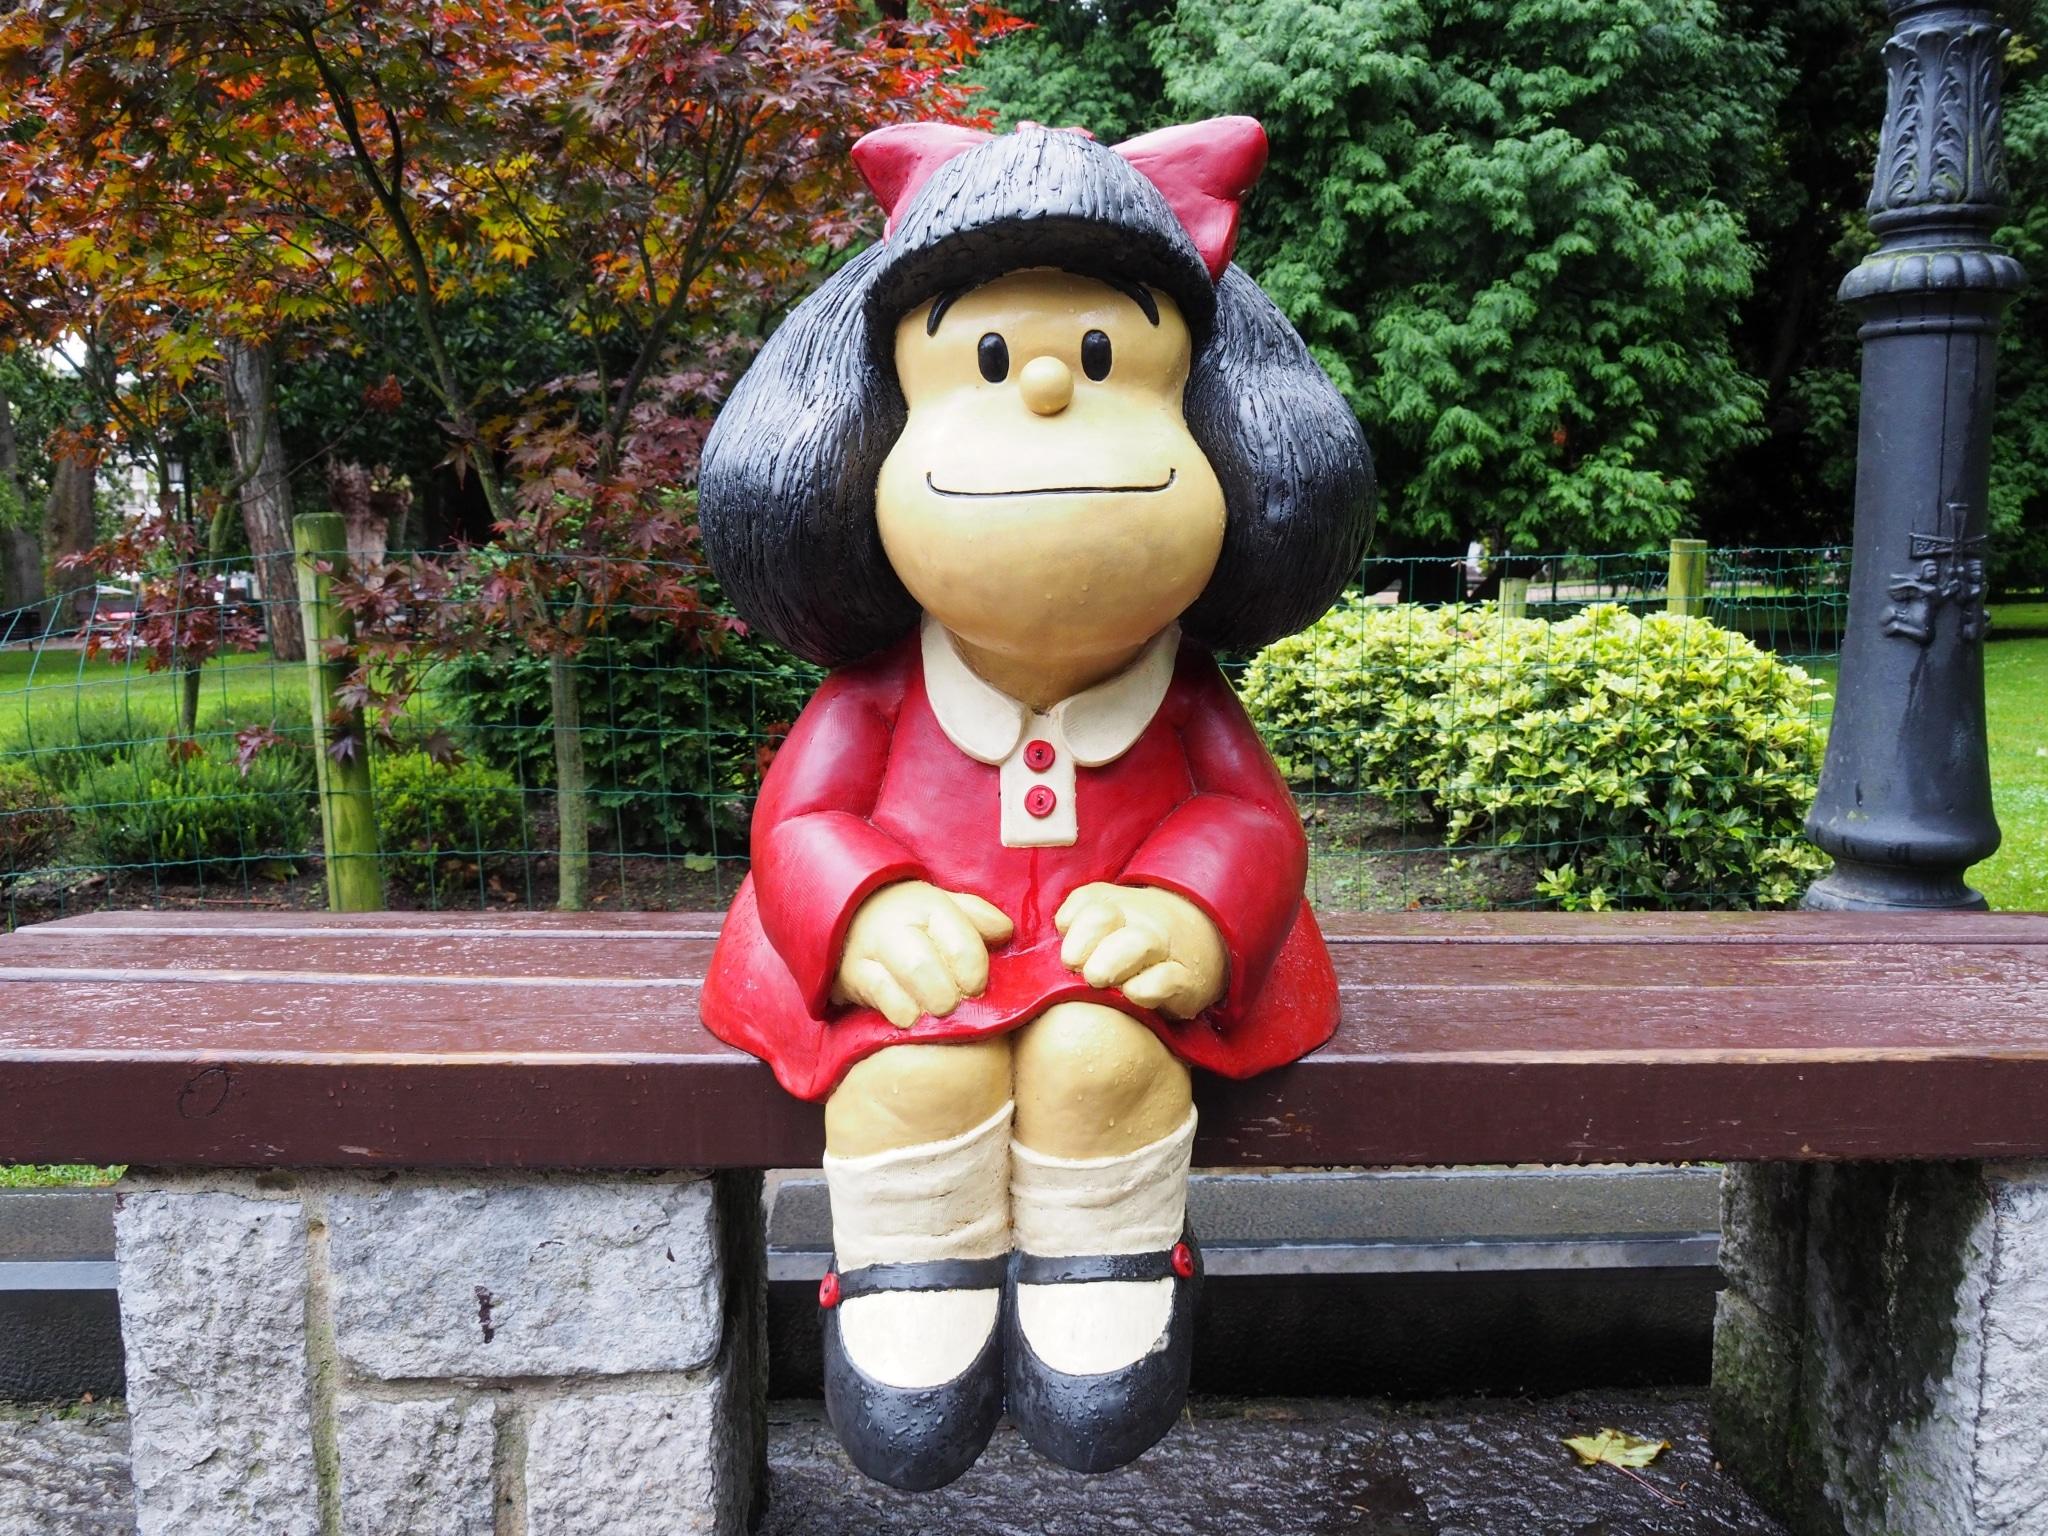 Estatua de Mafalda en Oviedo, España